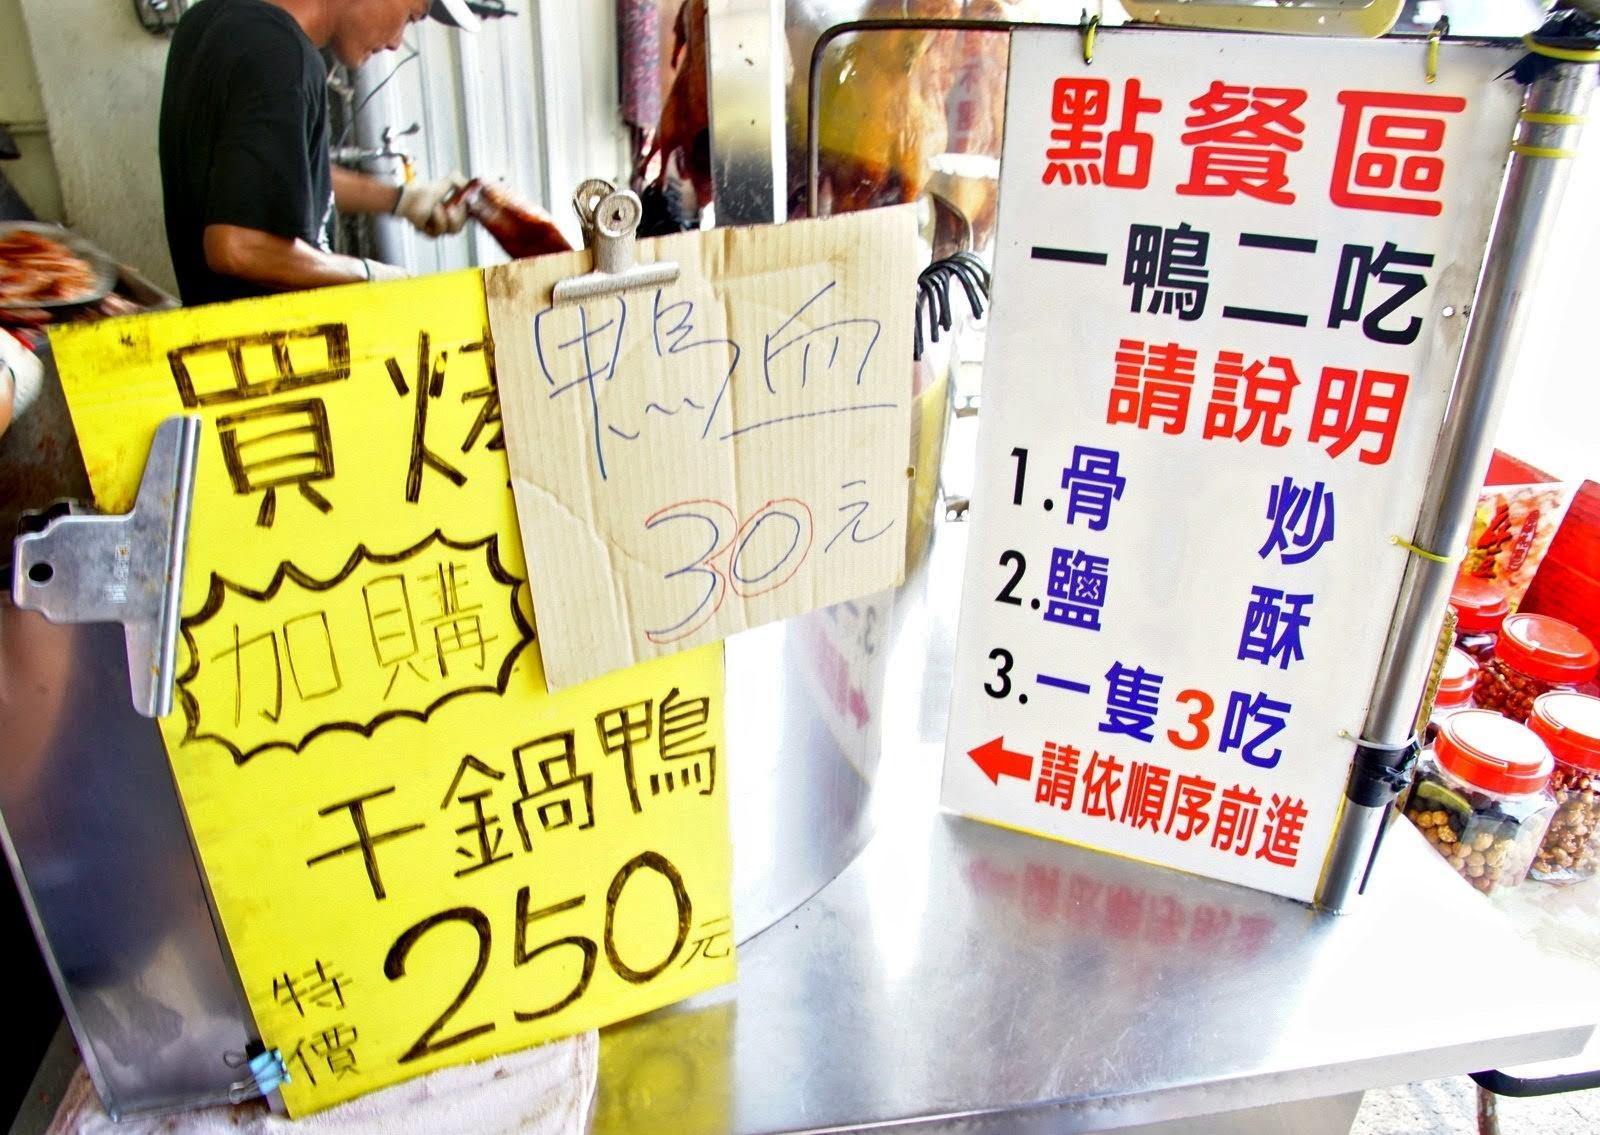 [台南][永康區] 名流北平烤鴨|中山南路排隊烤鴨店|食記